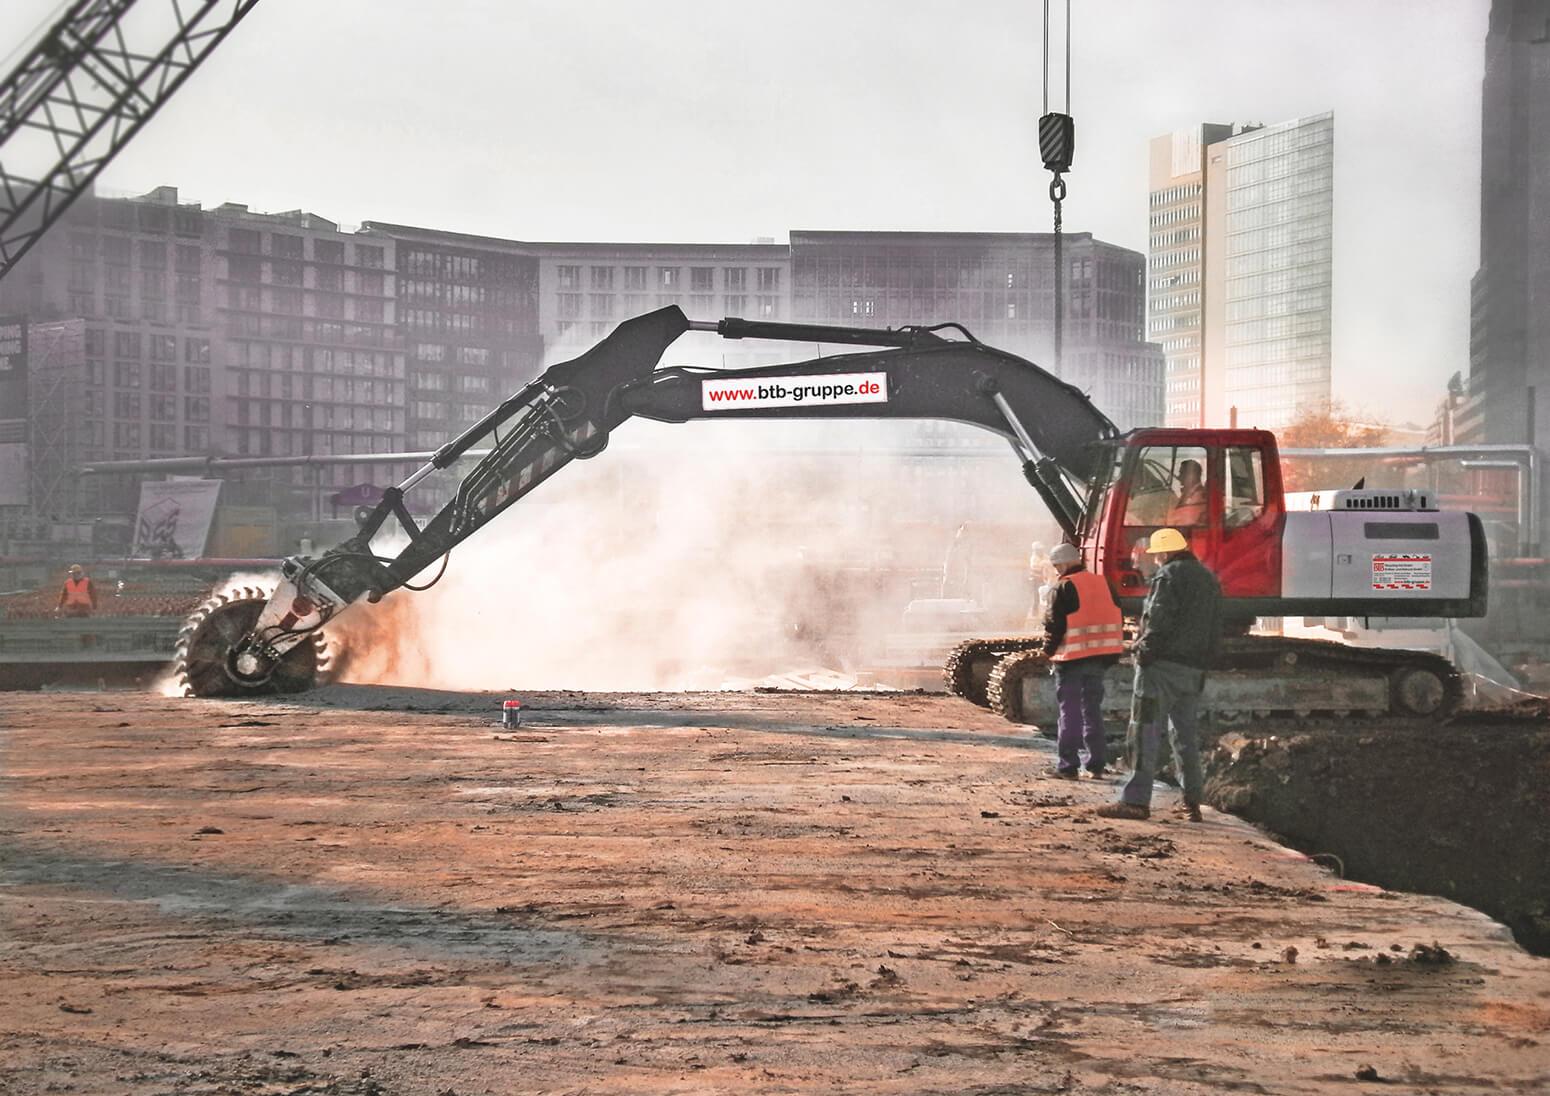 ein Bagger mit Betonschneiderad durchtrennt die Stahlbetondecke einer U-Bahn für den Bau der Mall of Berlin